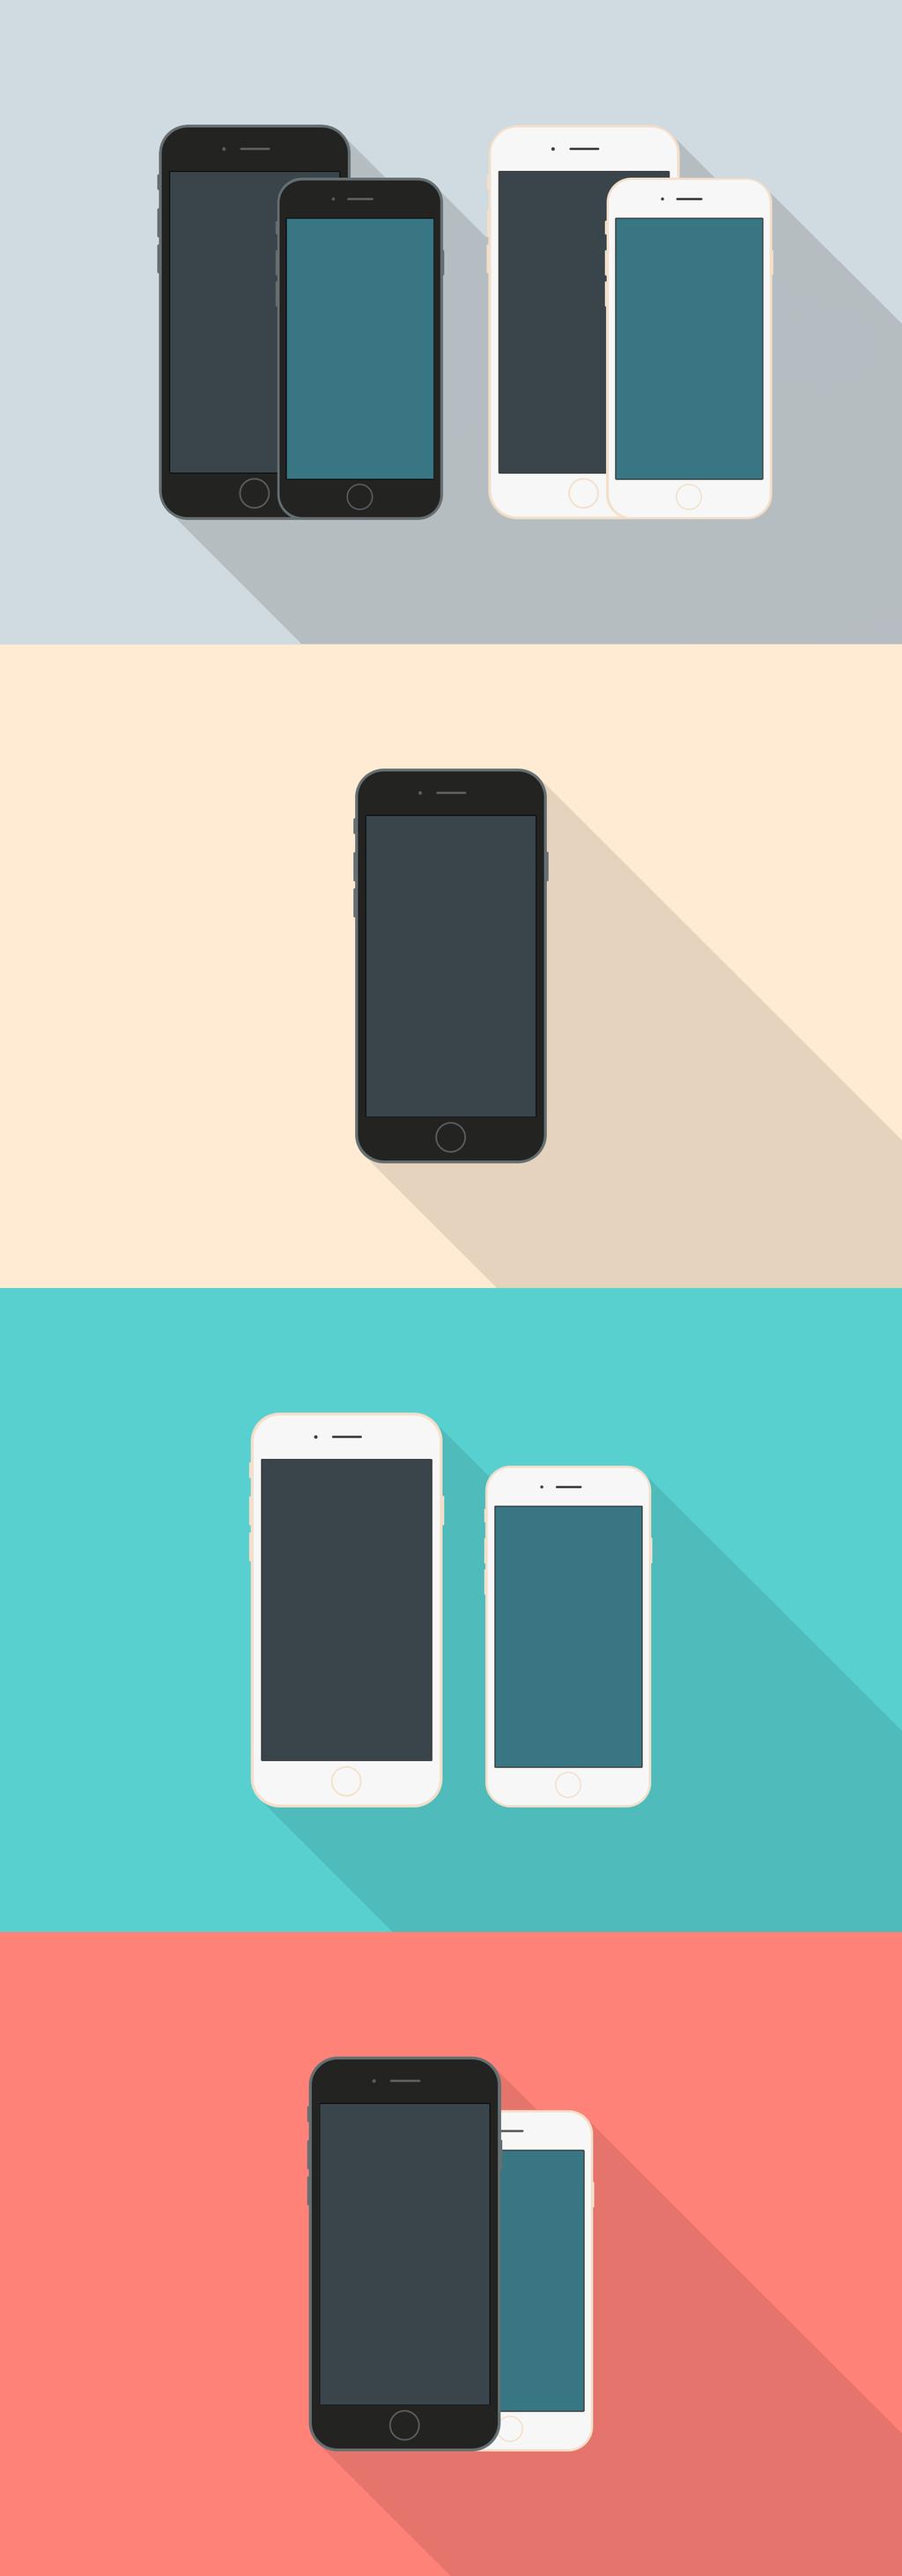 Image Result For Smartphone V Mobile